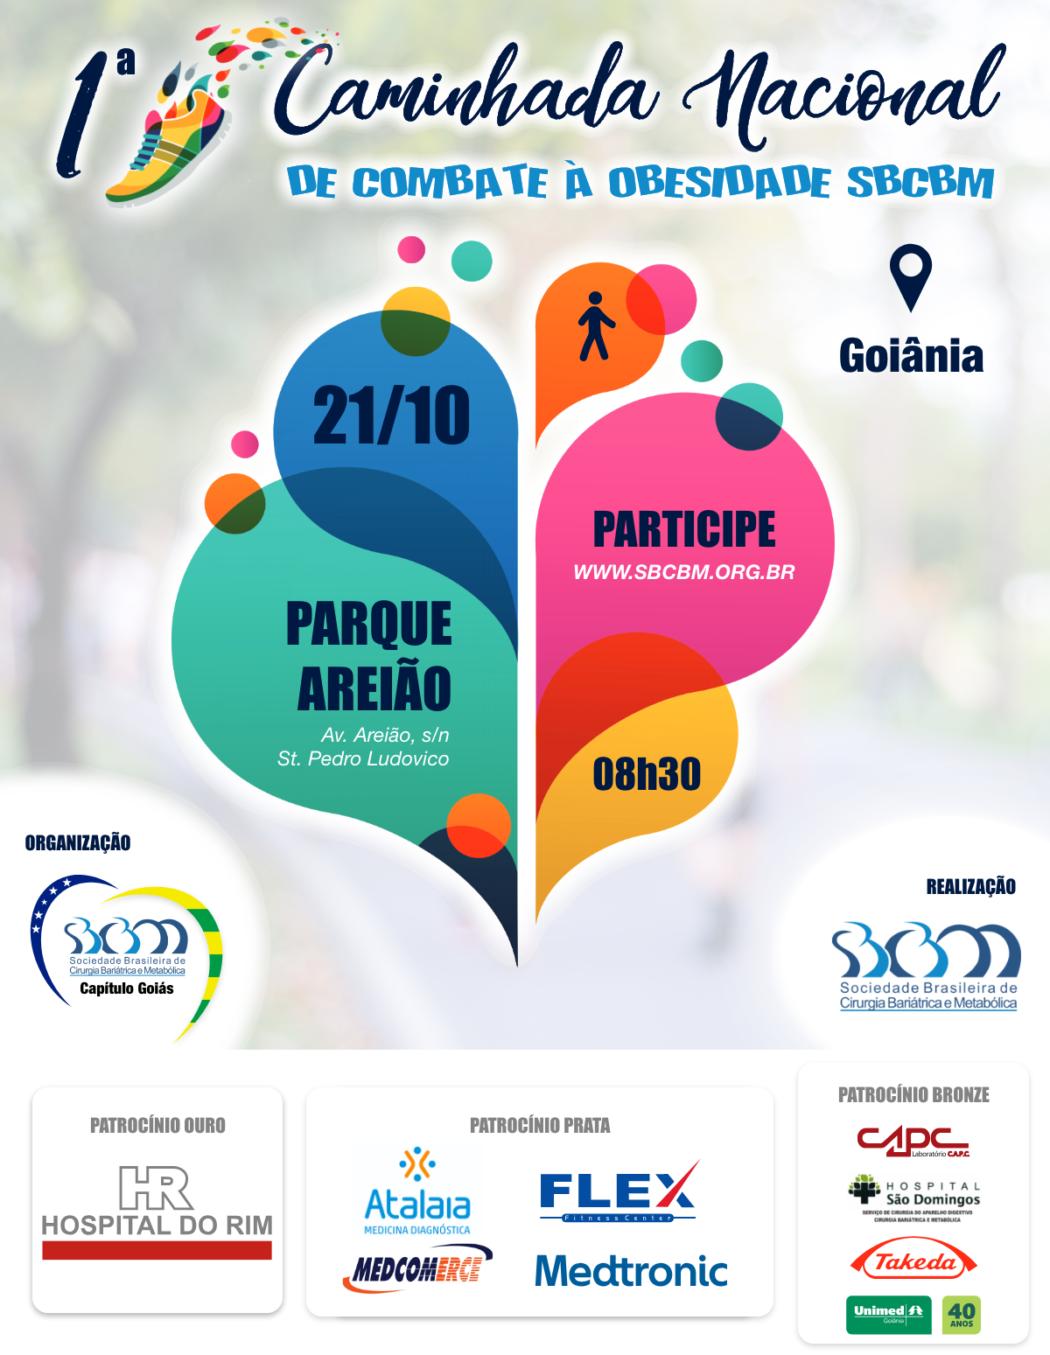 Parque Areião recebe 1ª Caminhada Nacional de Combate à Obesidade neste domingo